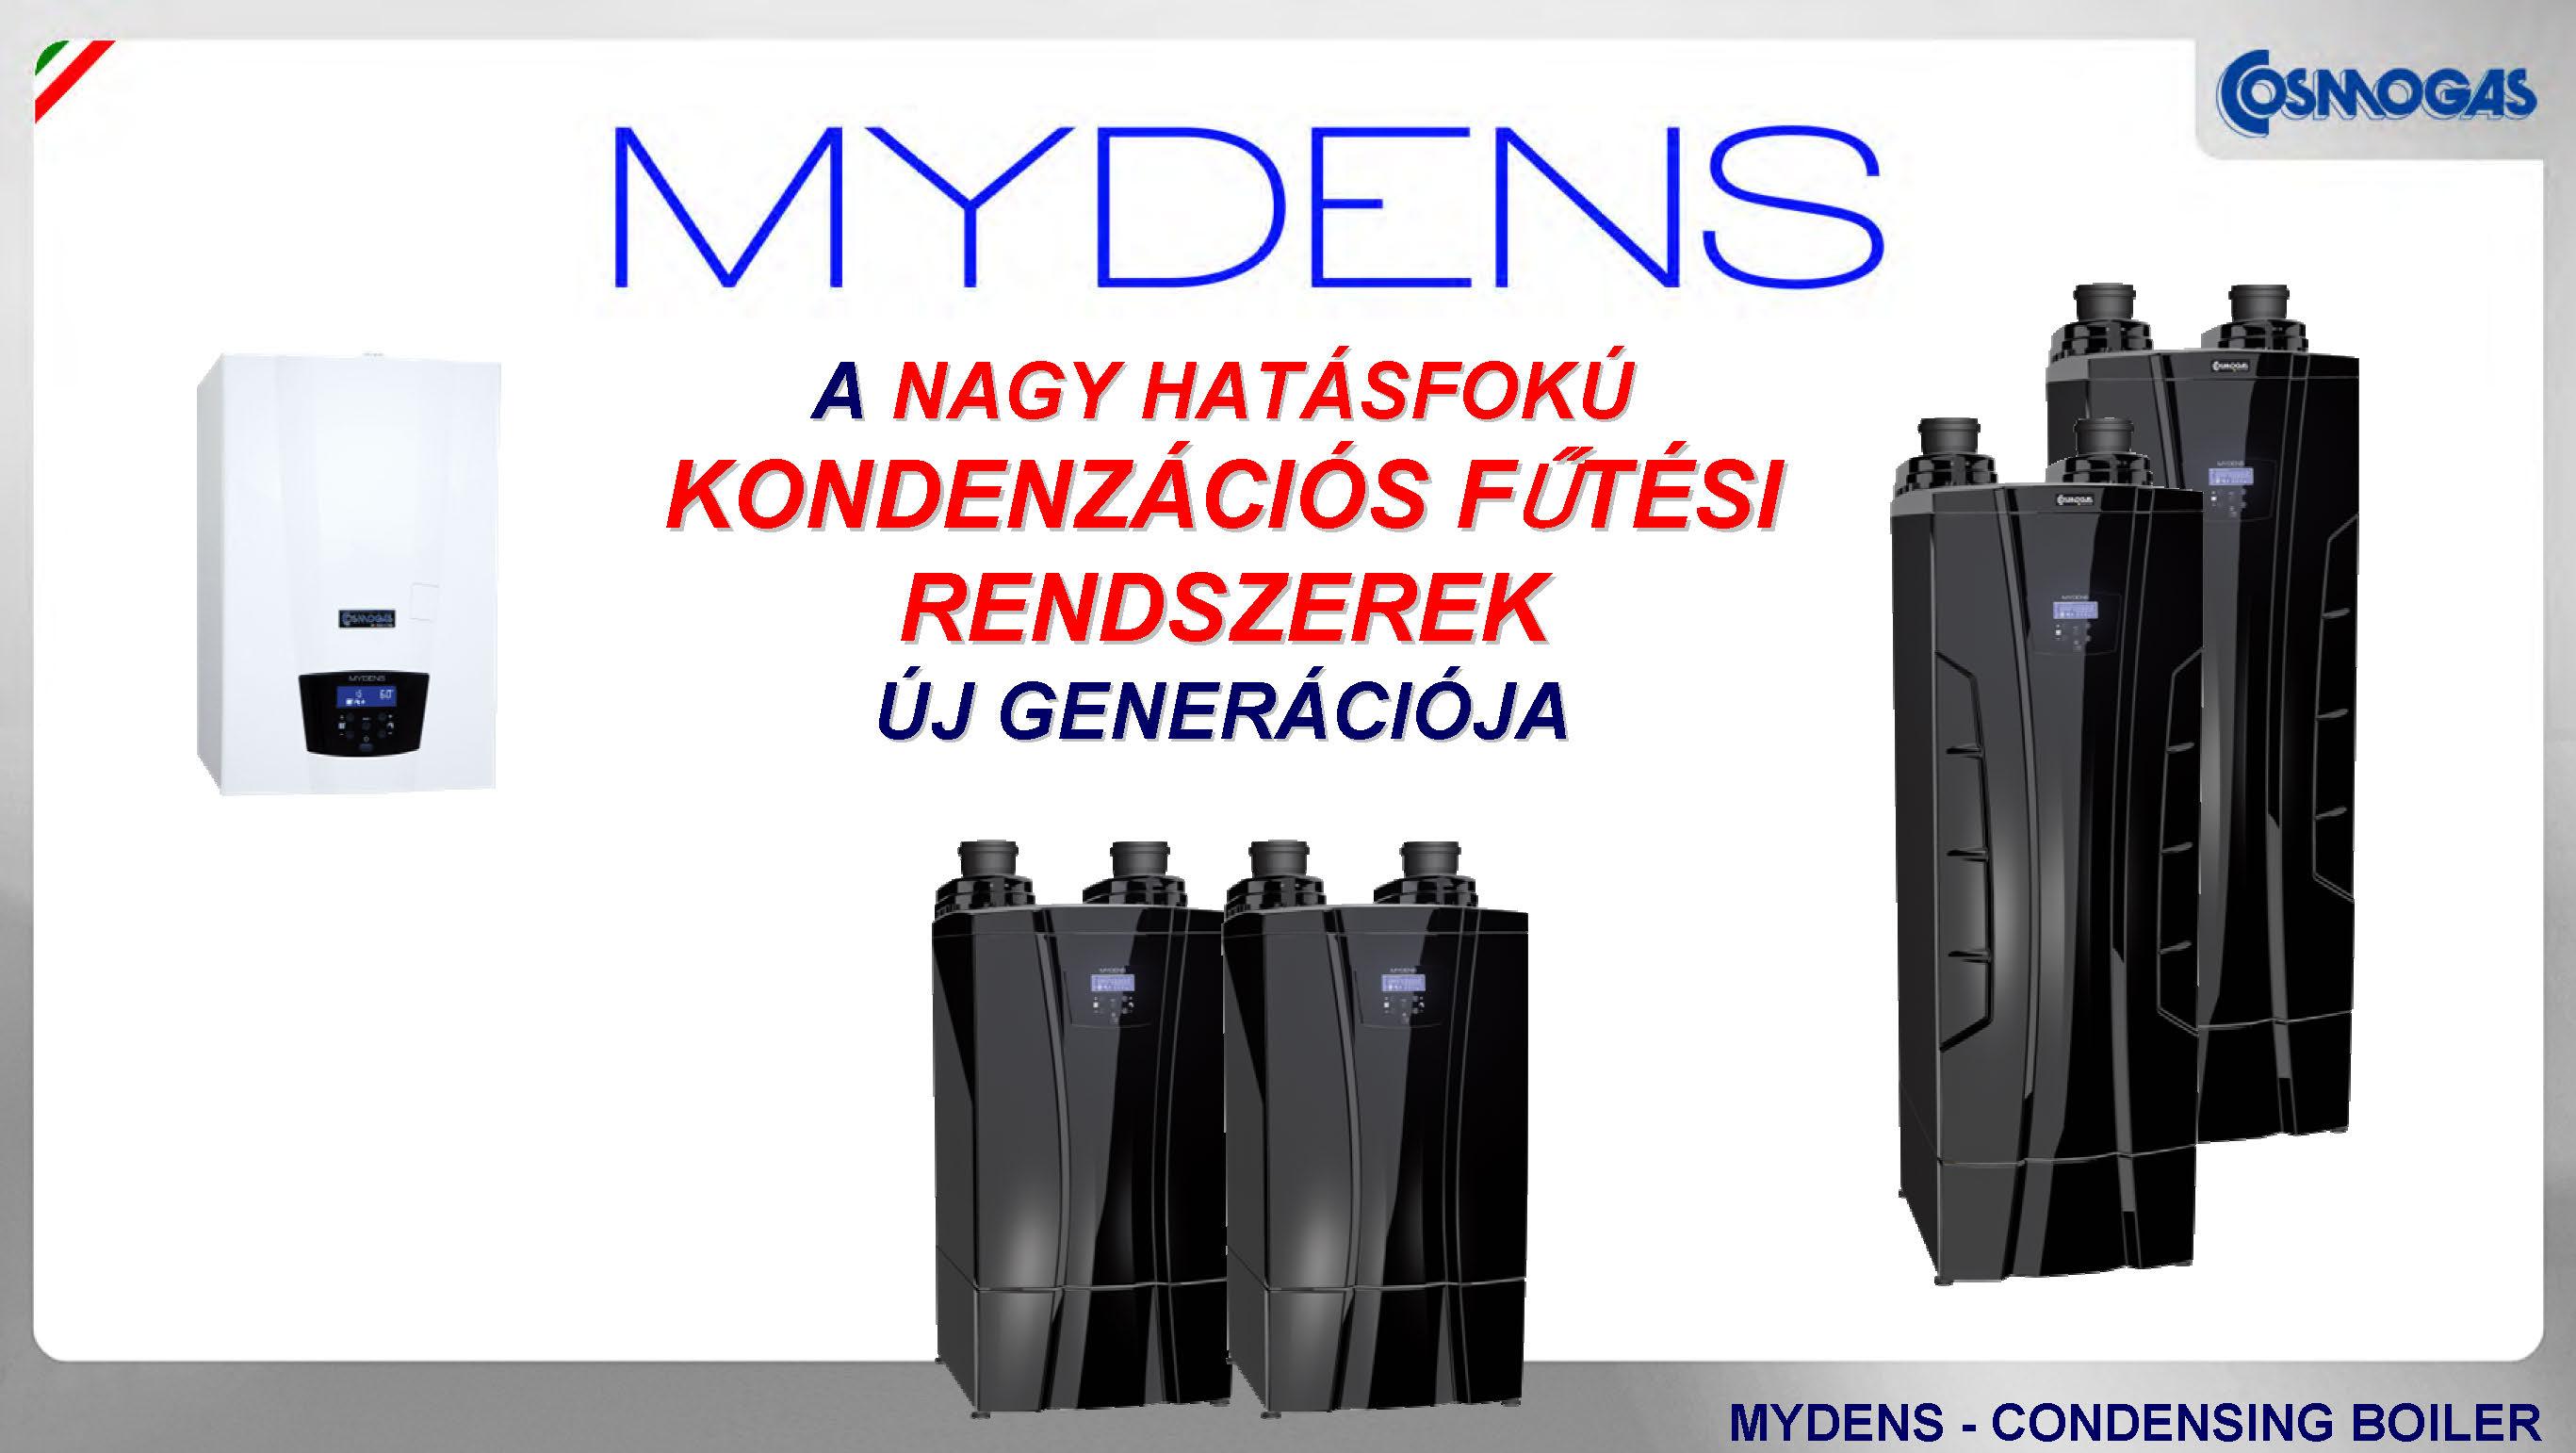 mydens_bemutatkozo